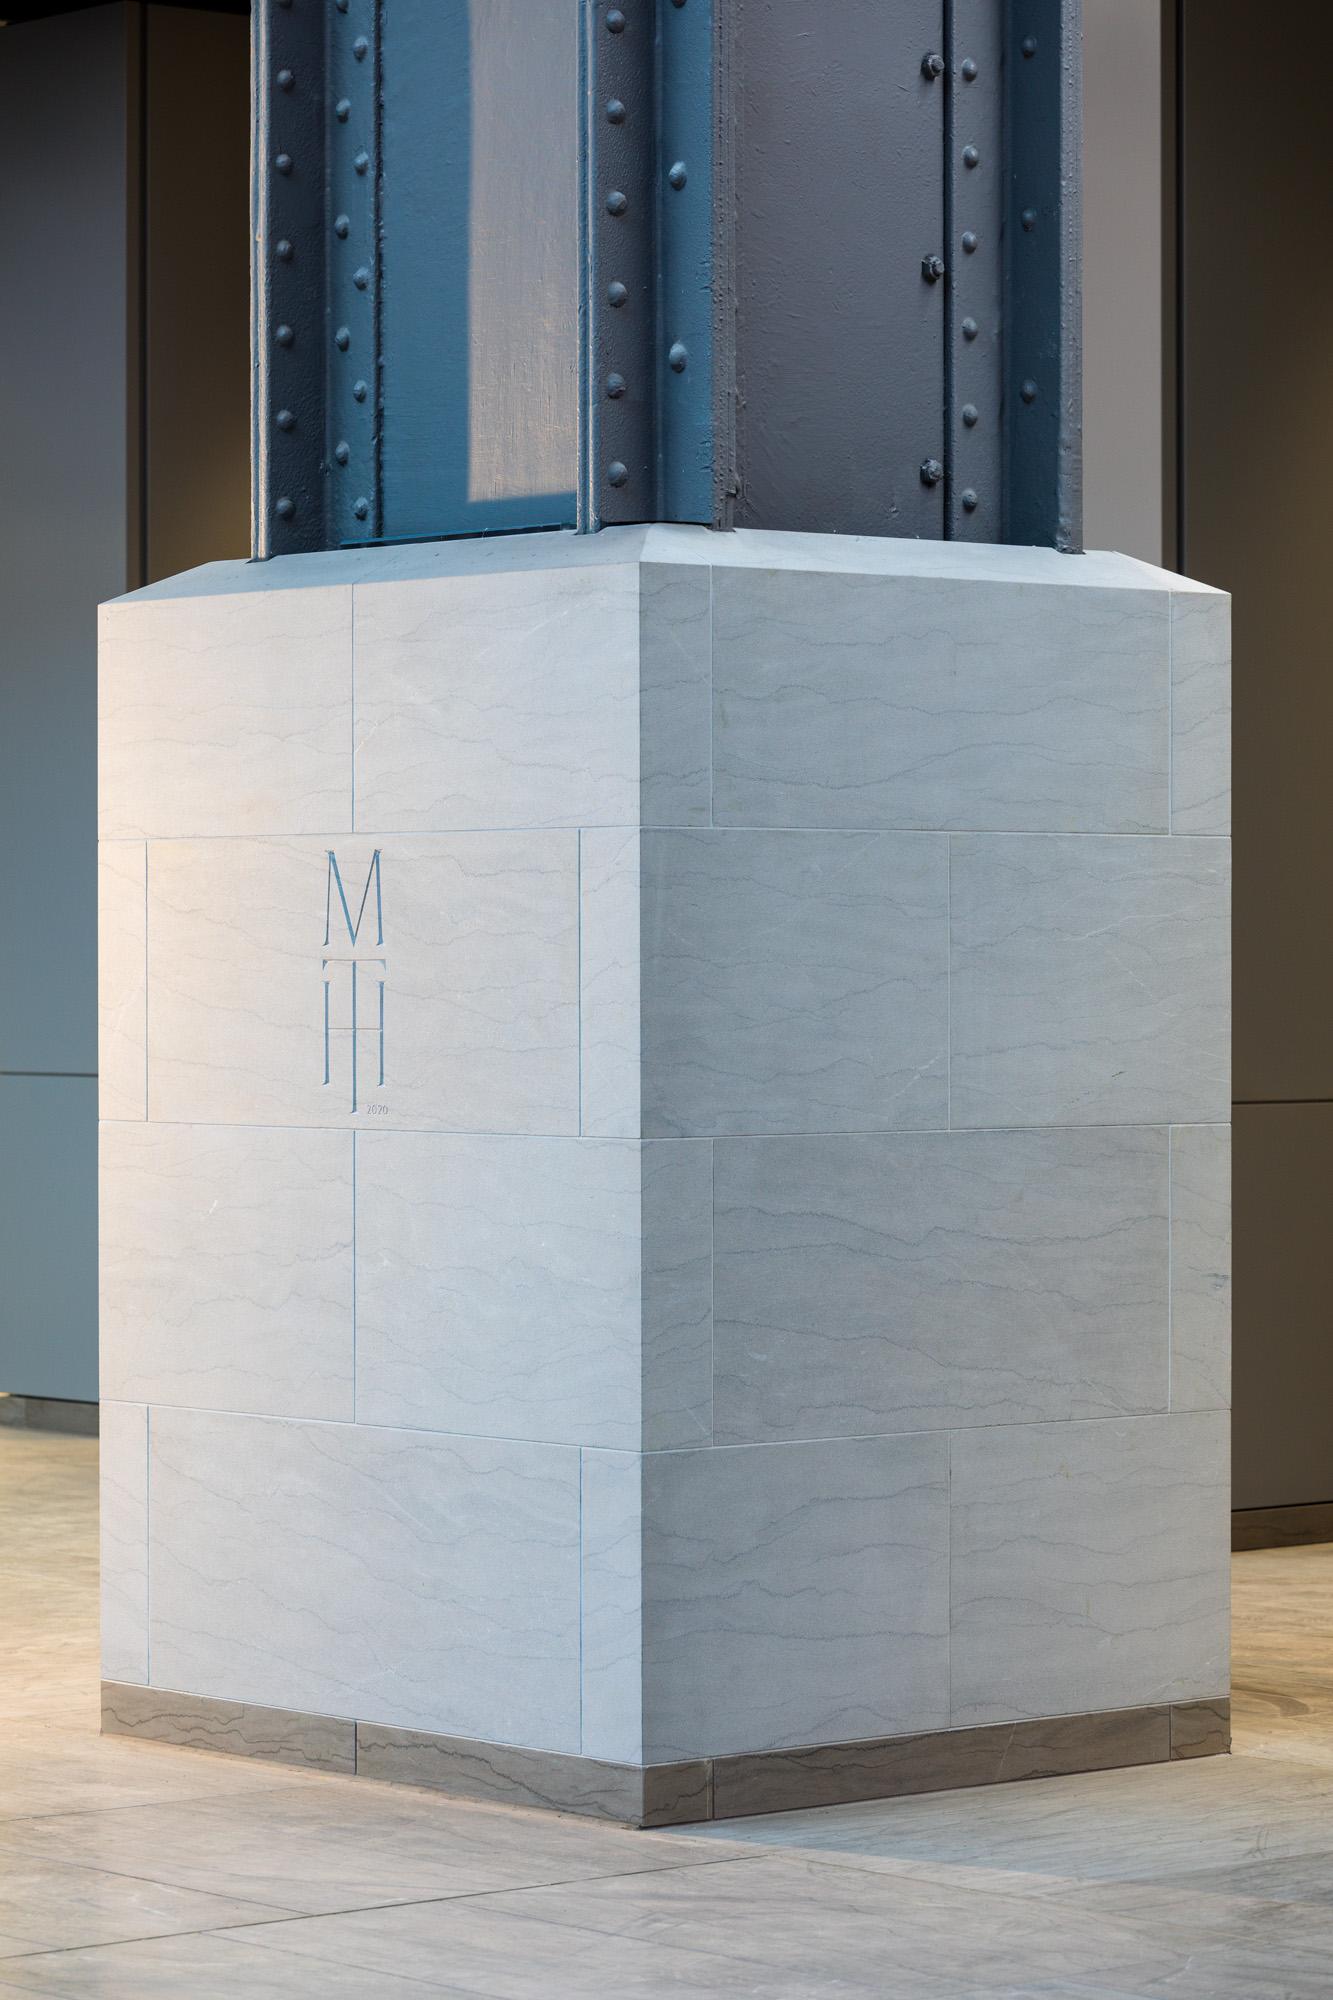 MTH-Architecture-6964